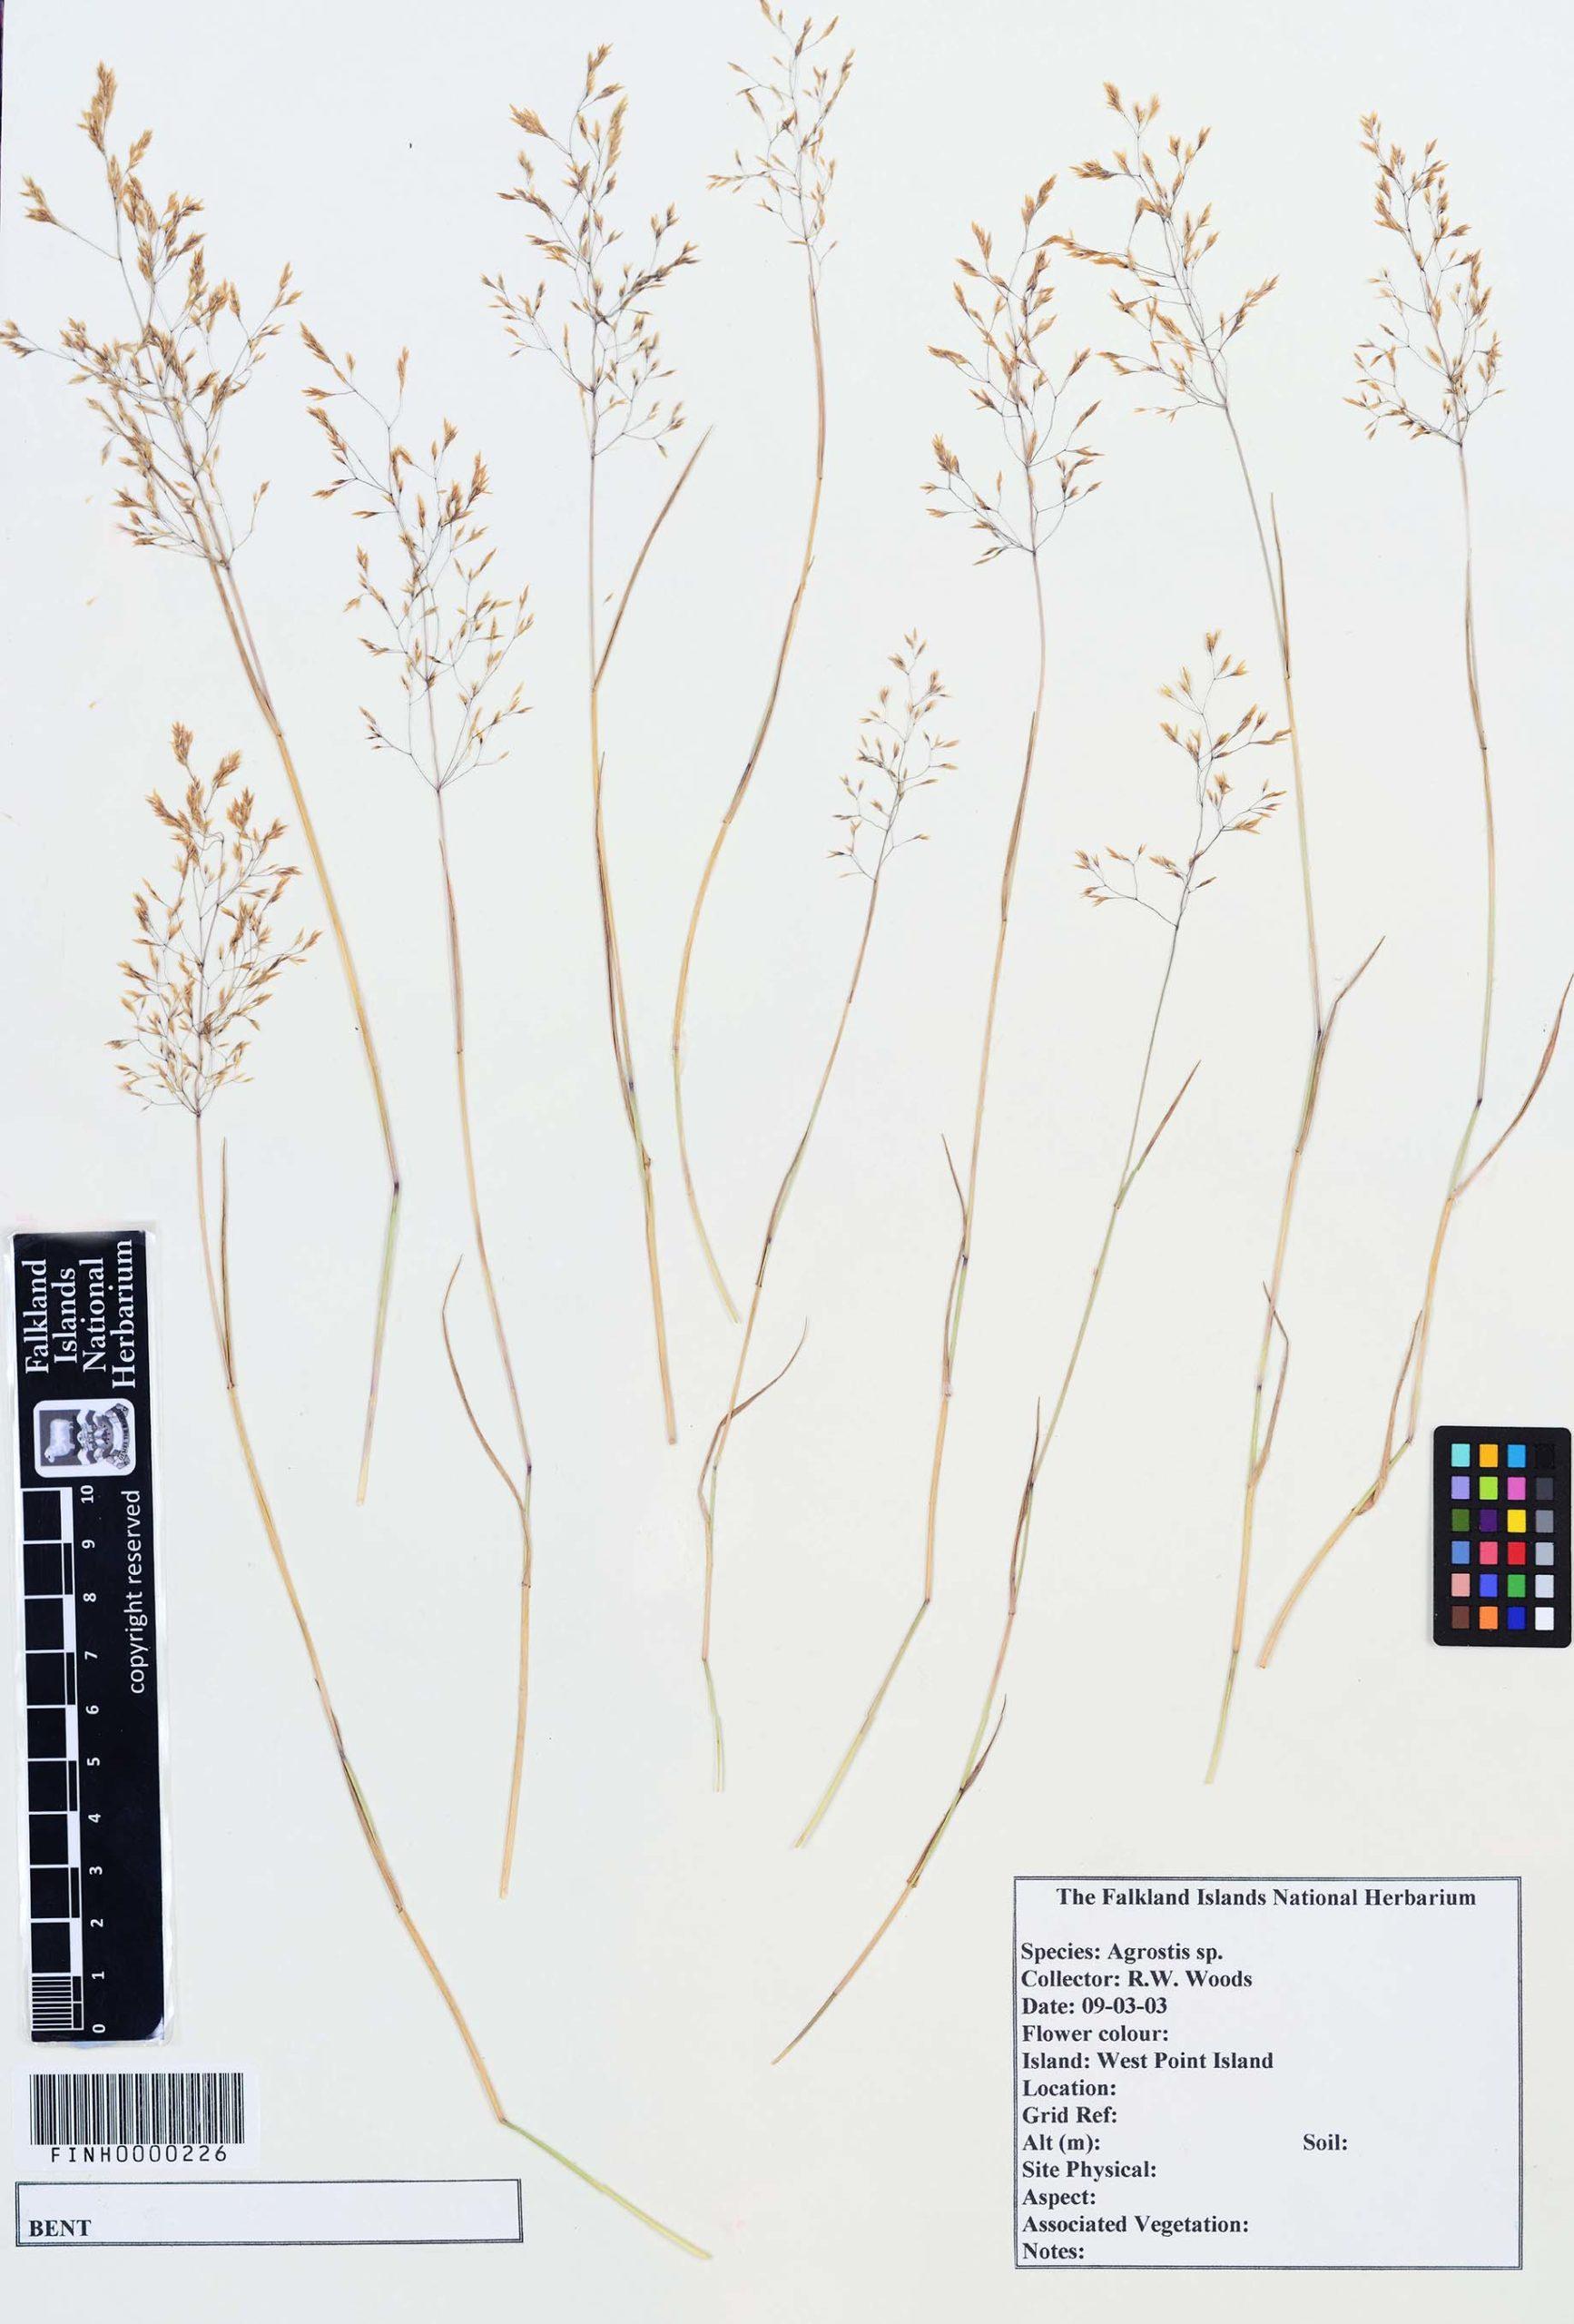 Agrostis sp.